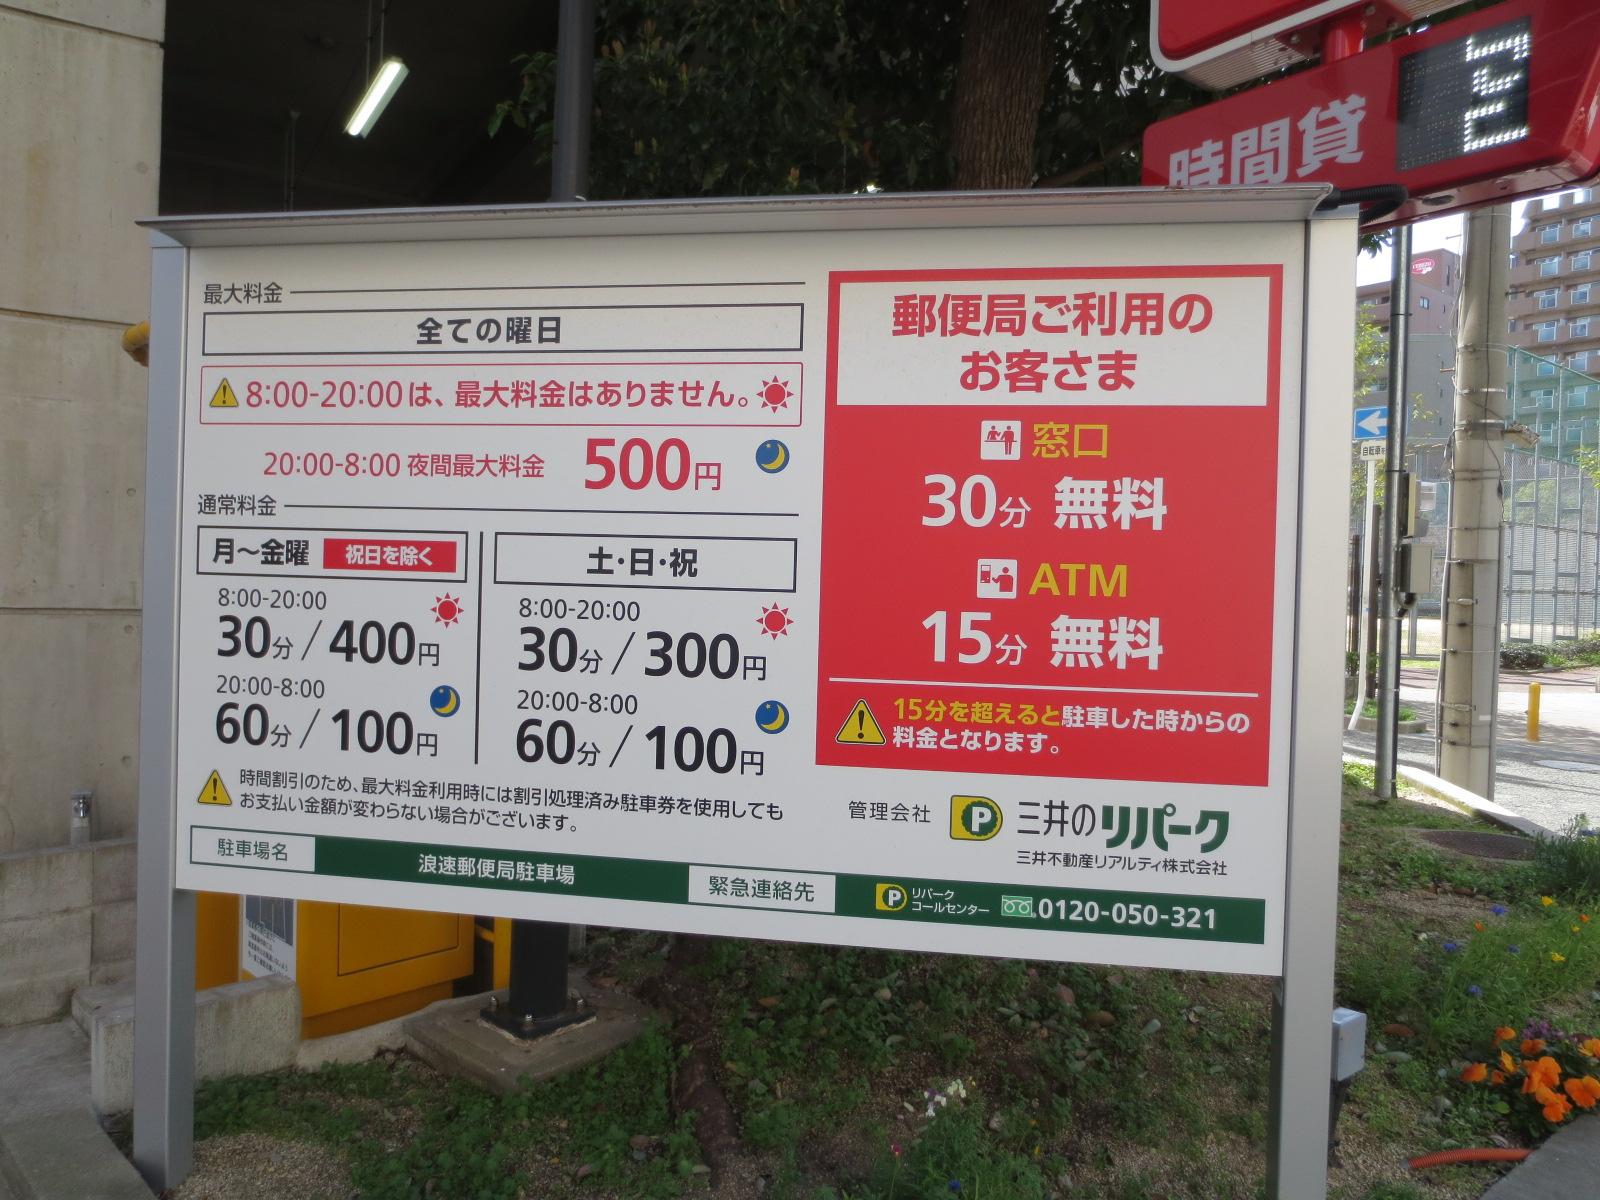 浪速郵便局:駐車料金